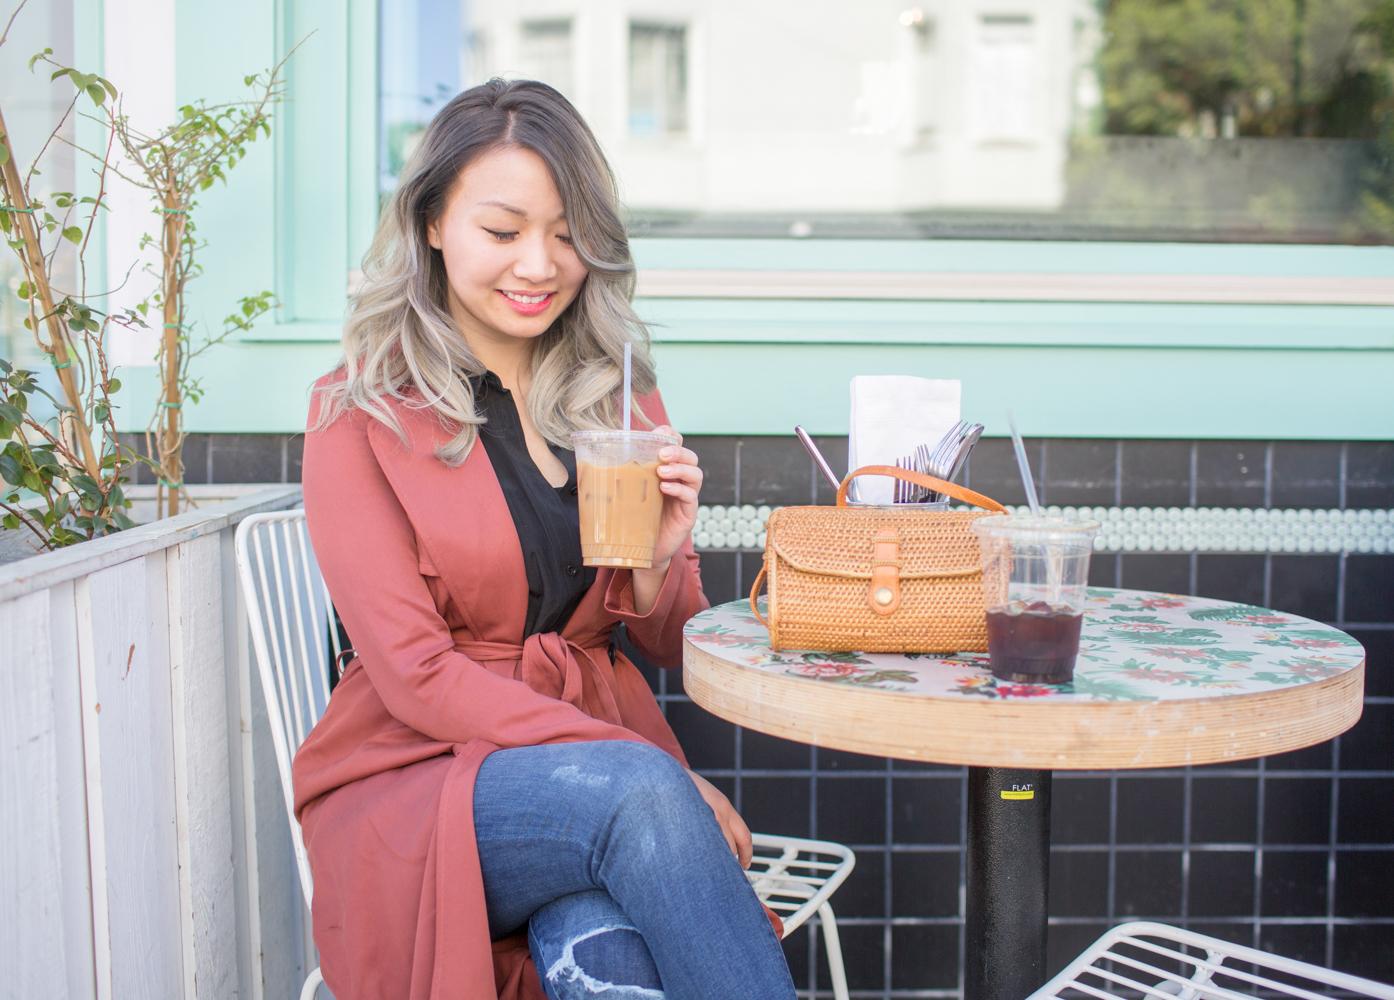 VETTA duster jacket | The Chic Diary